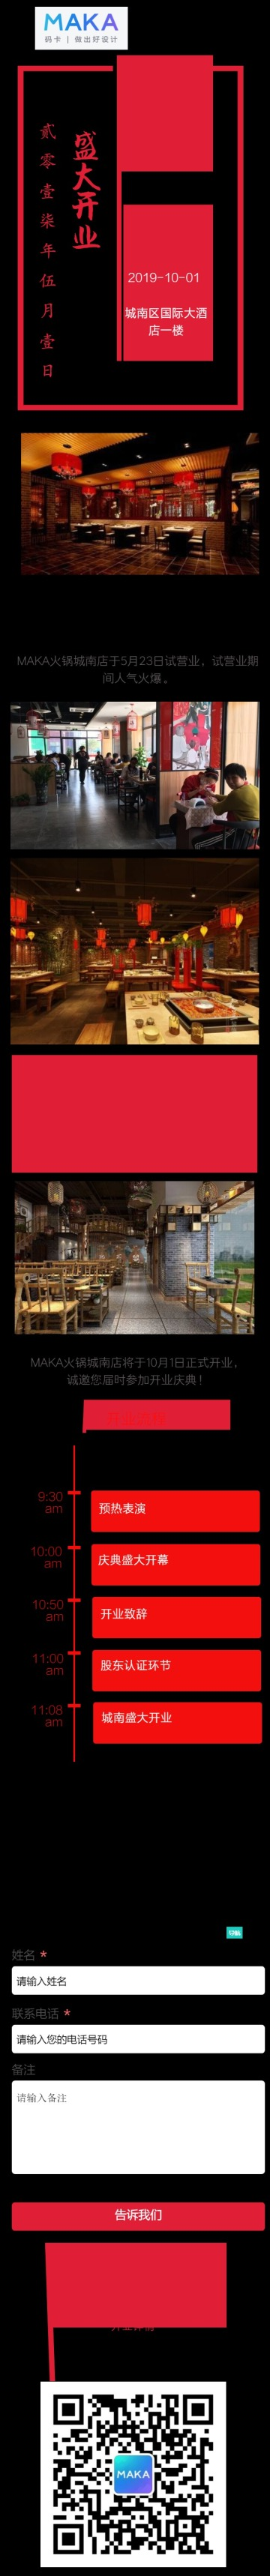 红金复古餐饮行业火锅店通用盛大开业单页模板